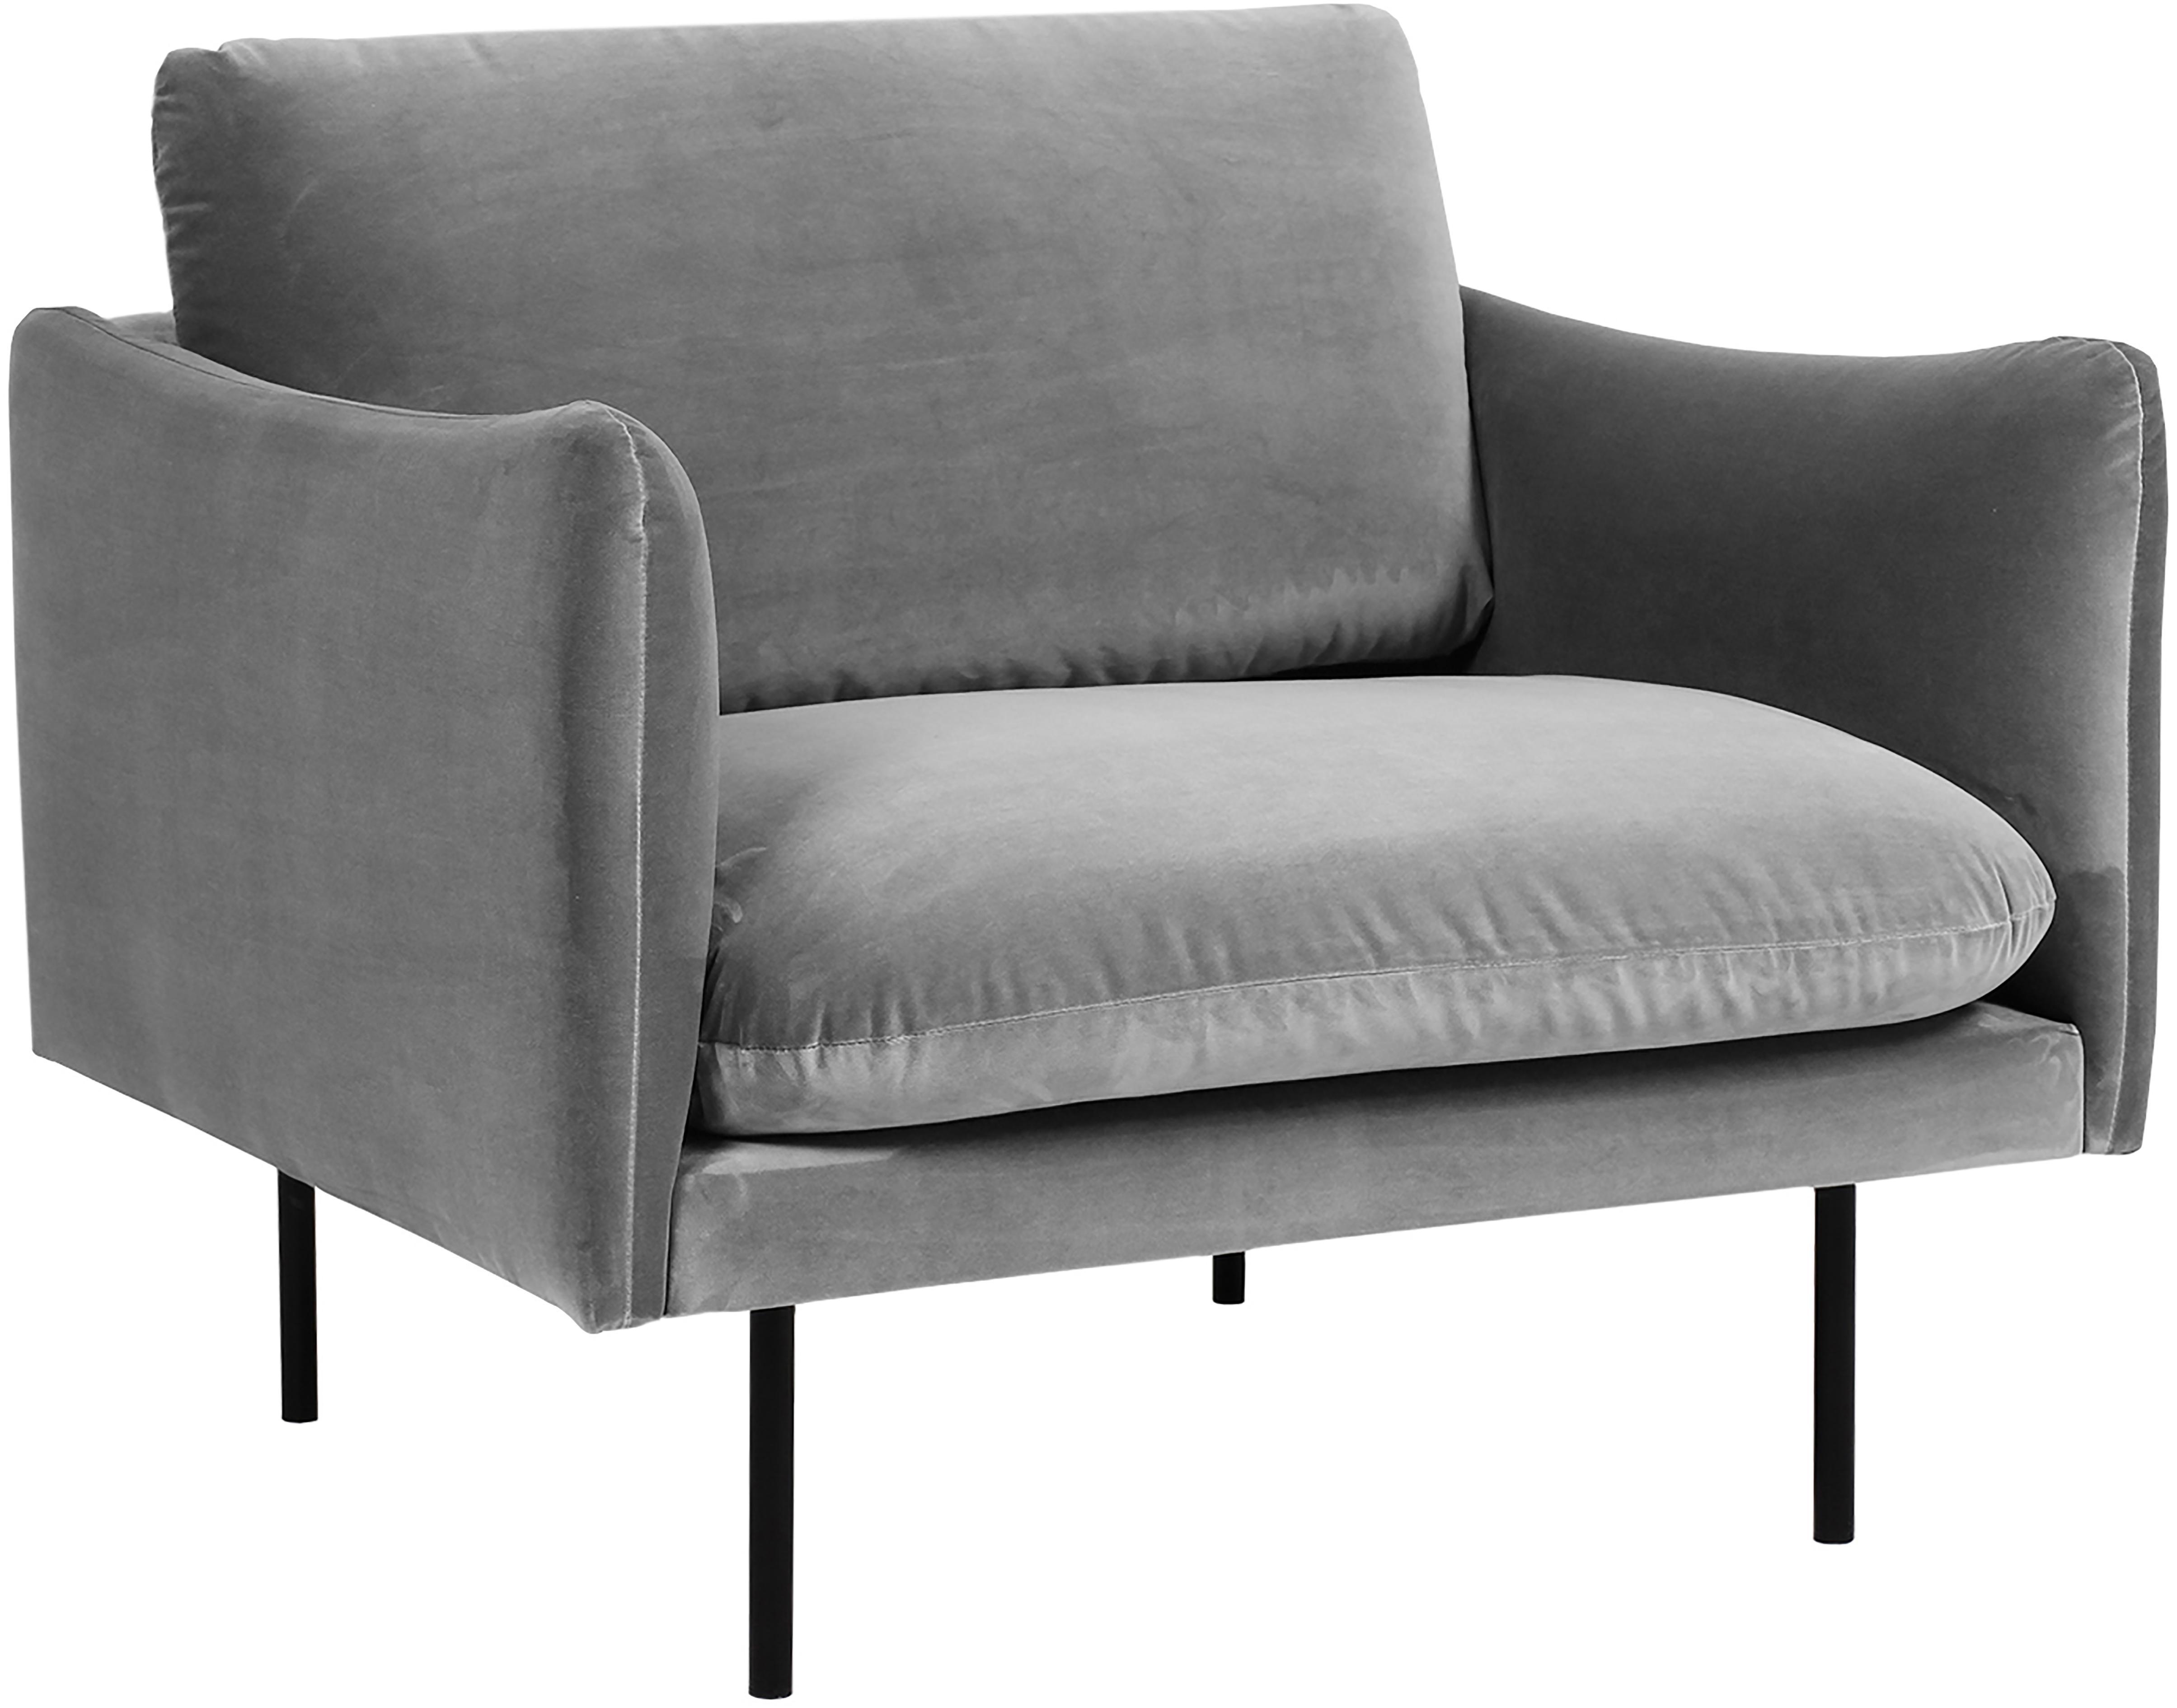 Fotel z aksamitu Moby, Tapicerka: aksamit (wysokiej jakości, Stelaż: lite drewno sosnowe, Nogi: metal malowany proszkowo, Szary, S 90 x G 90 cm